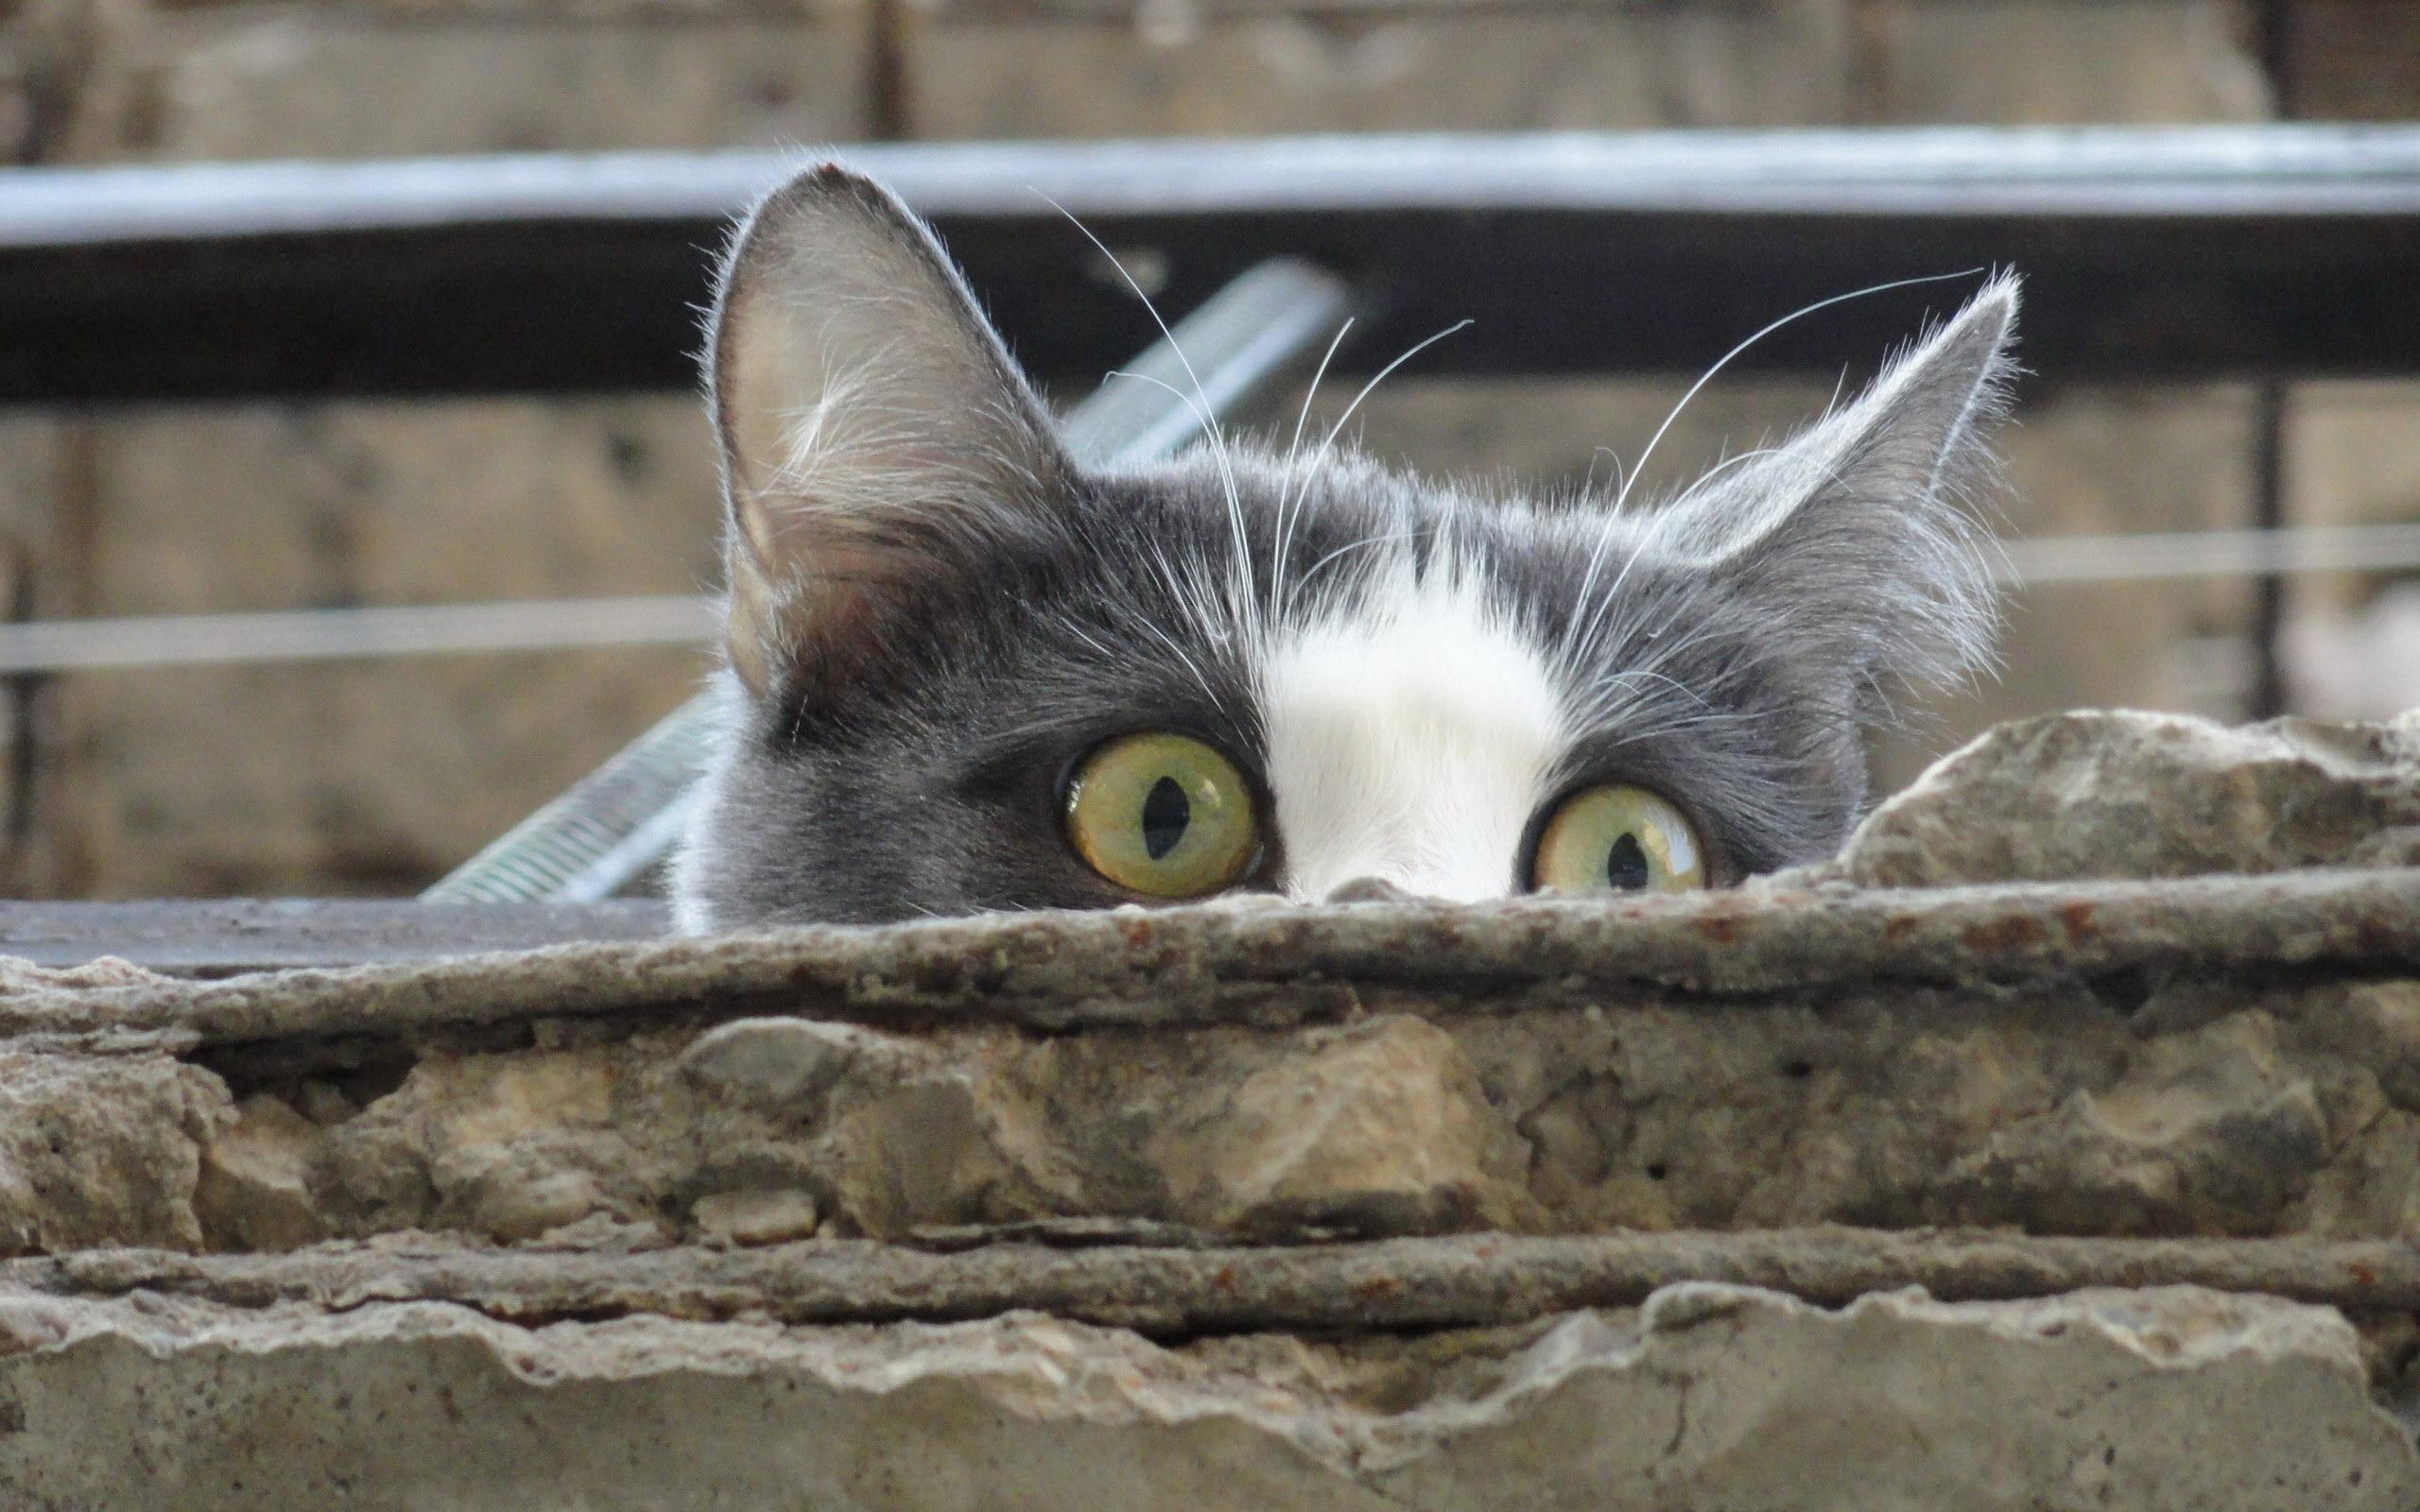 图片标题:动物世界-猫咪写真02(2560x1600)